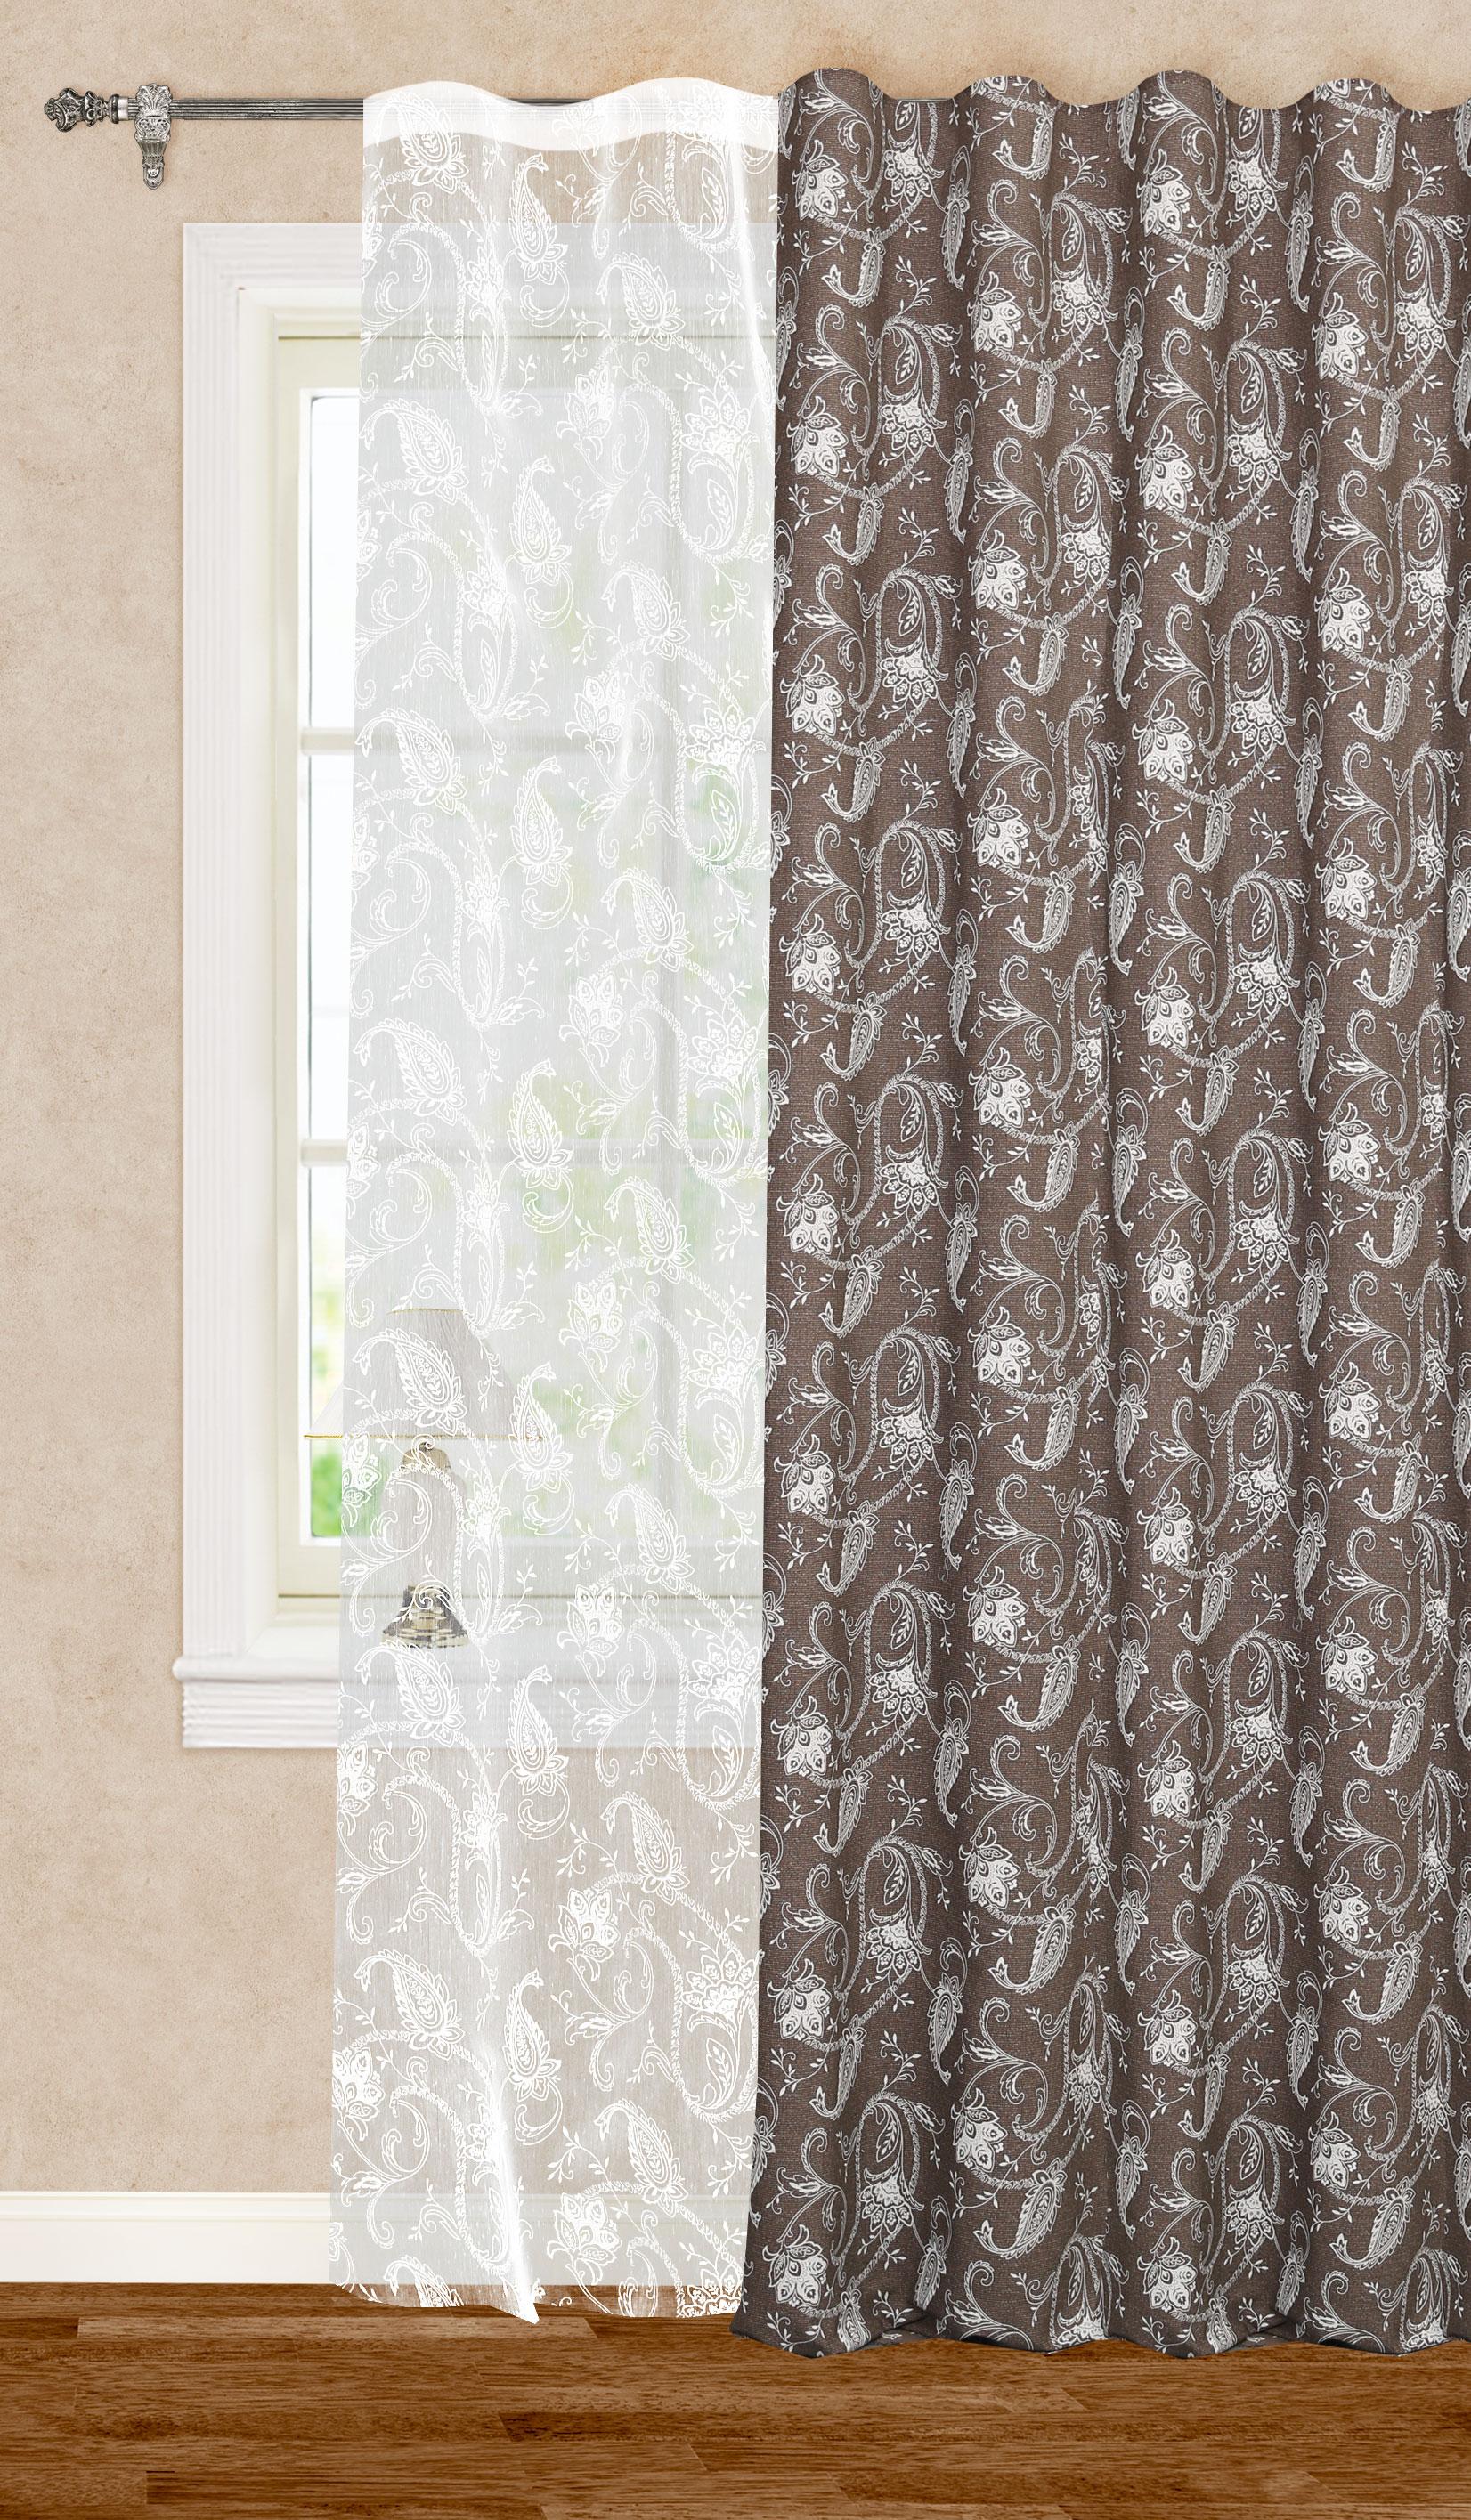 Штора готовая для гостиной Garden, на ленте, цвет: белый, коричневый, размер 200*260 см. С11001-W2001V11С11001-W2001V11Роскошная портьерная штора Garden выполнена из репса (100% полиэстера) и декорирована цветочным принтом. Материал плотный и мягкий на ощупь. Оригинальная текстура ткани и классическая цветовая гамма привлекут к себе внимание и органично впишутся в интерьер помещения. Эта штора будет долгое время радовать вас и вашу семью! Штора крепится на карниз при помощи ленты, которая поможет красиво и равномерно задрапировать верх. Стирка при температуре 30°С.